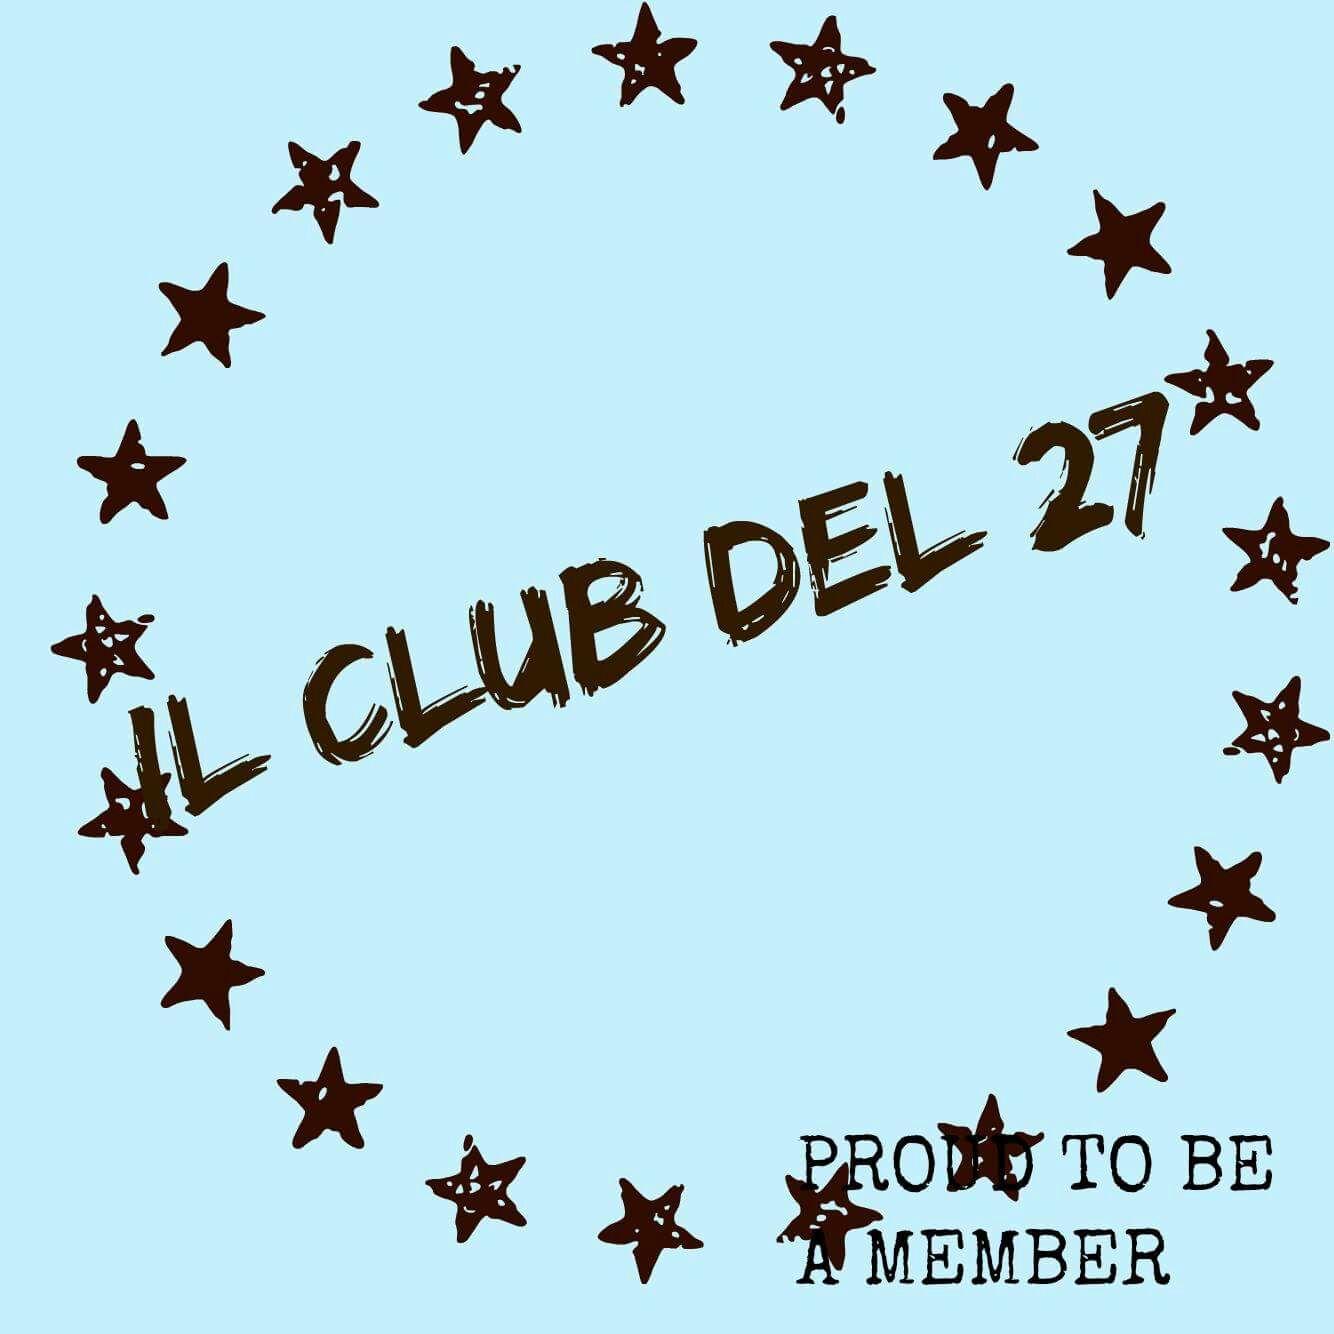 Club del 27